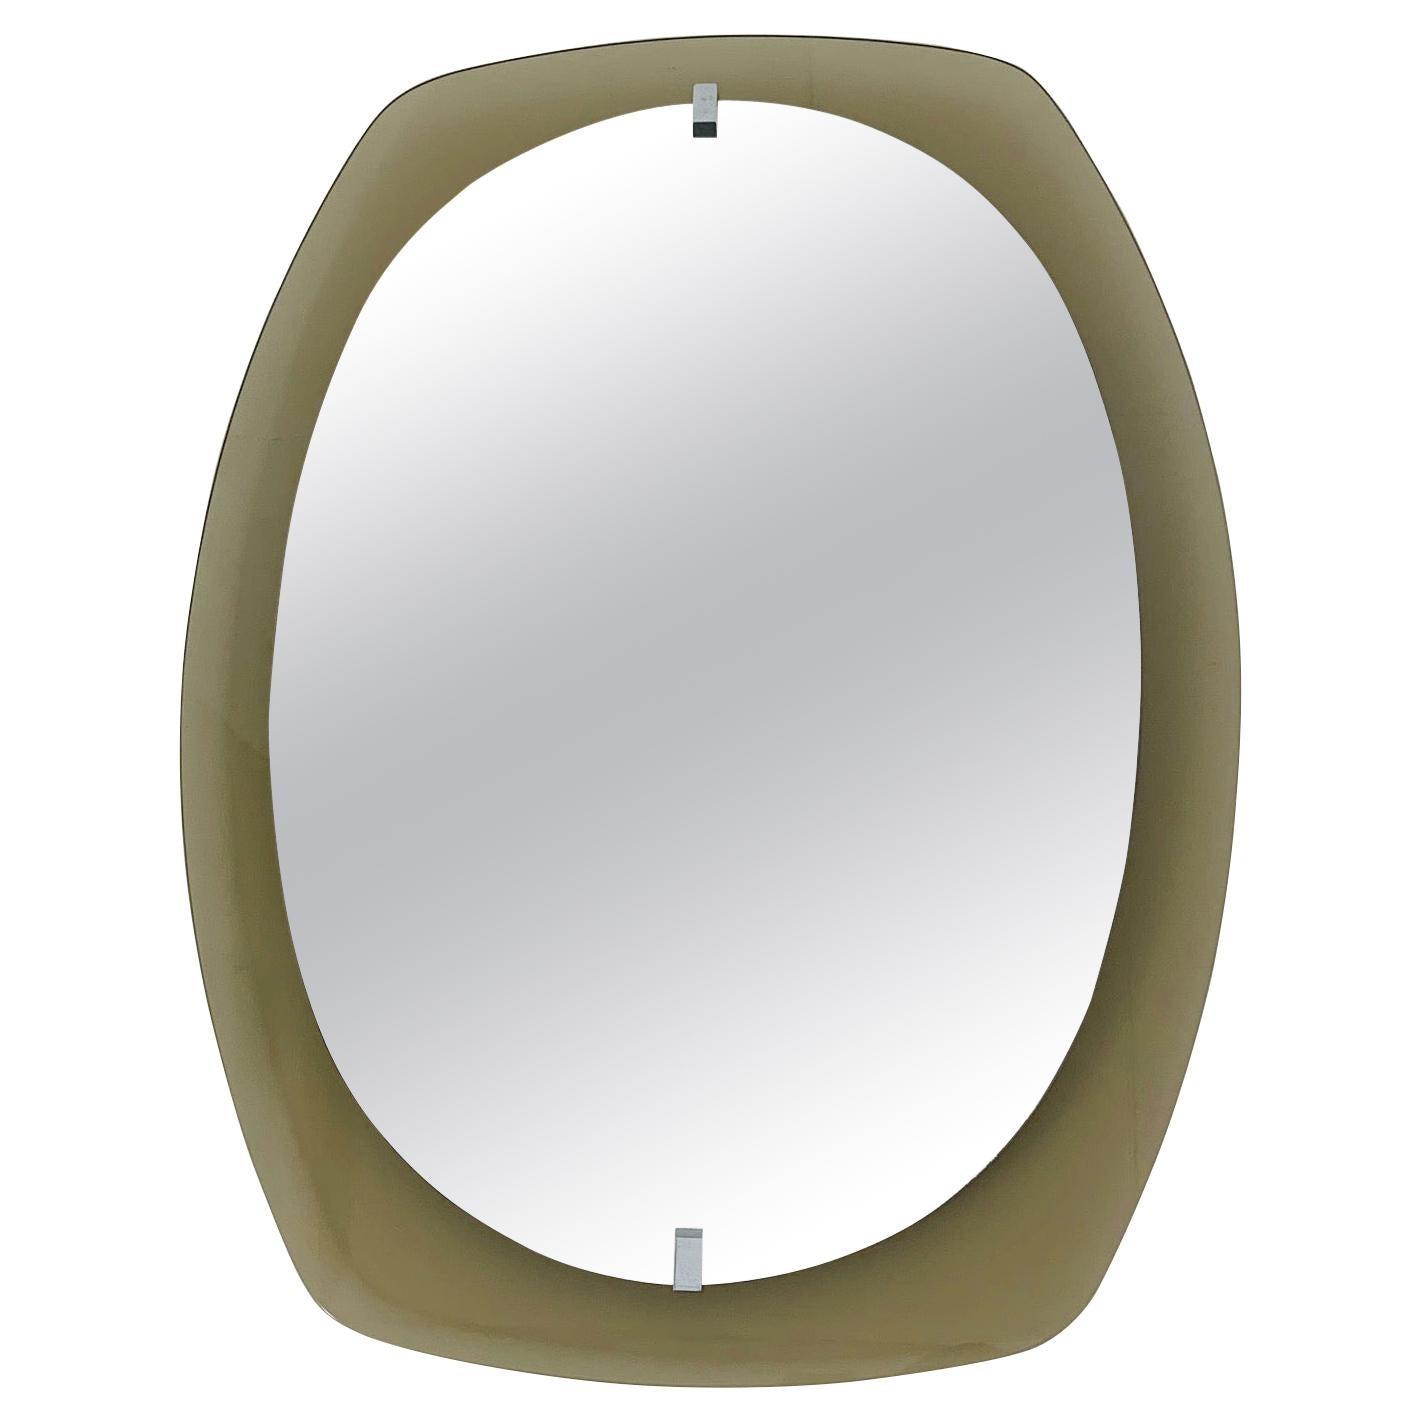 Smoky Beveled Mirror by Veca